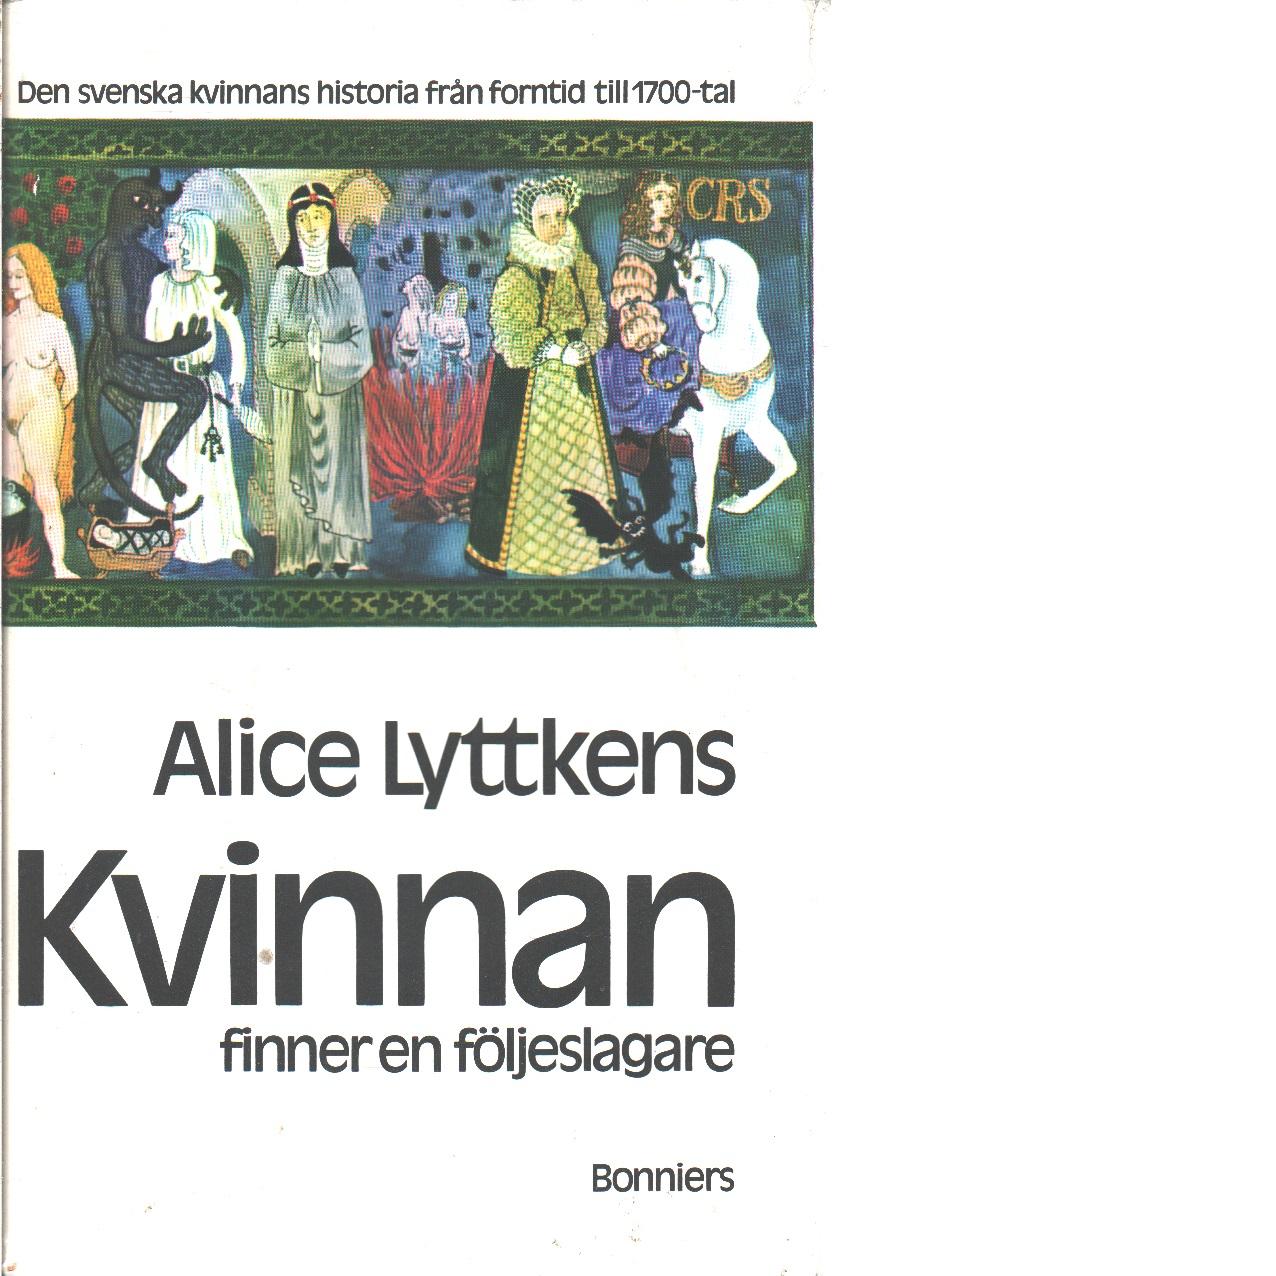 Kvinnan finner en följeslagare : den svenska kvinnans historia från forntid till 1700-tal - Lyttkens, Alice